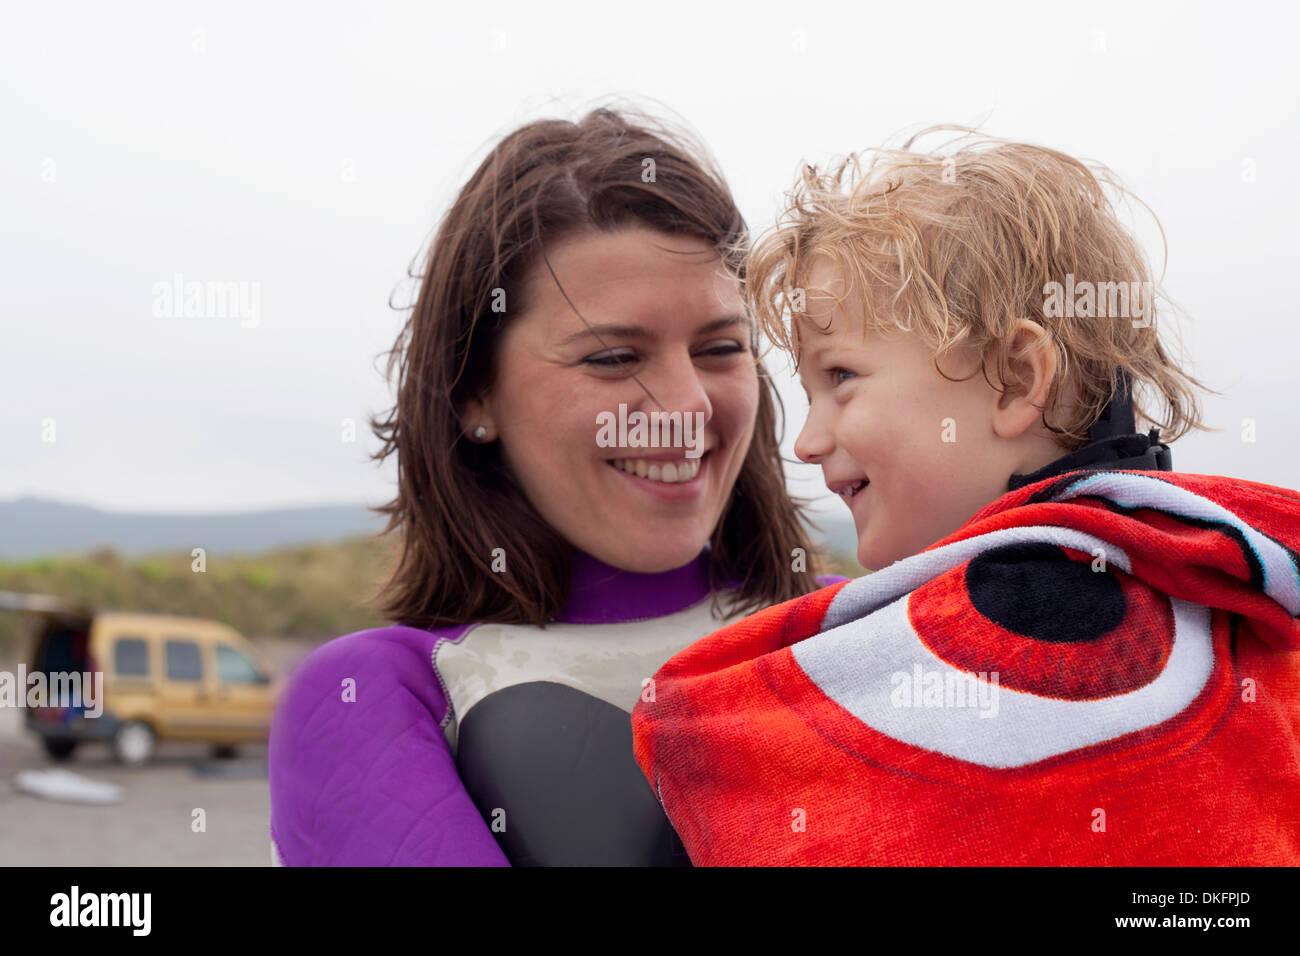 Retrato de madre sosteniendo hijo envuelta en una toalla Imagen De Stock